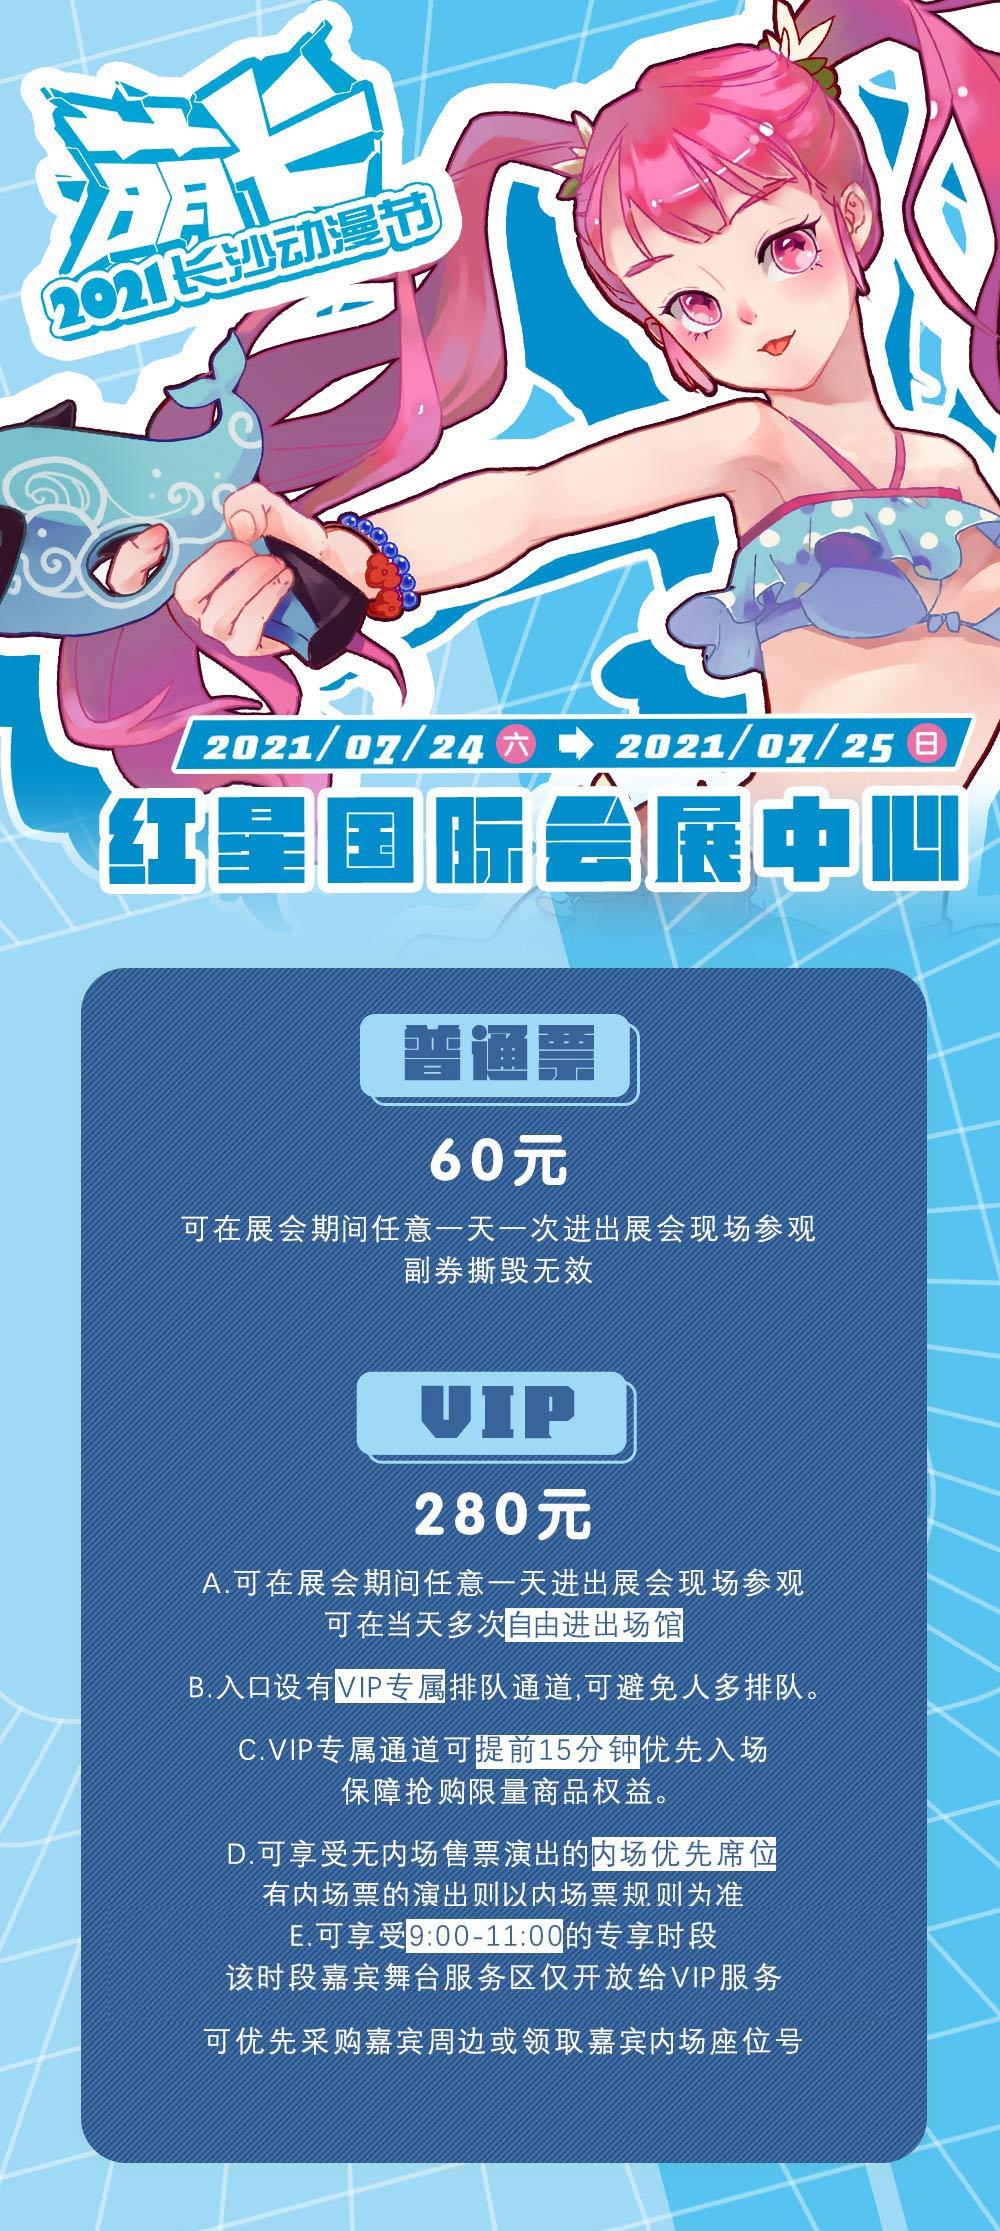 2021萌卡动漫节-长沙站